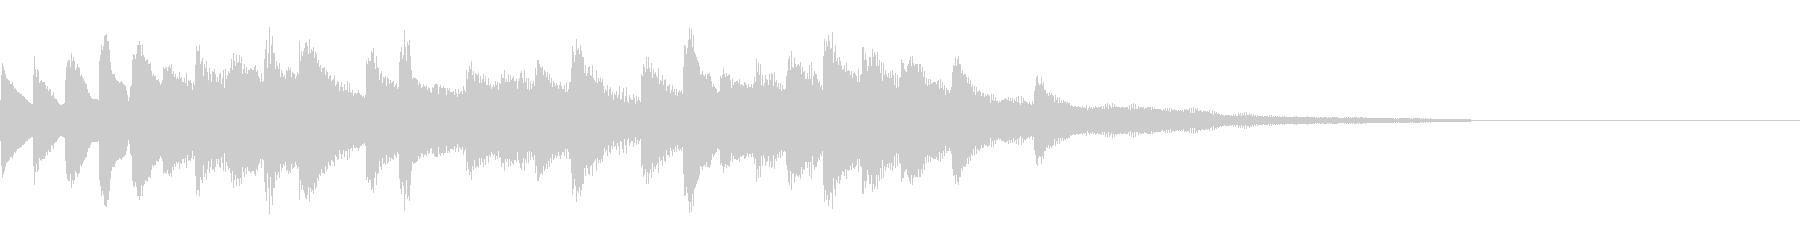 ピアノ・ポップ・流れるような・切ないの未再生の波形